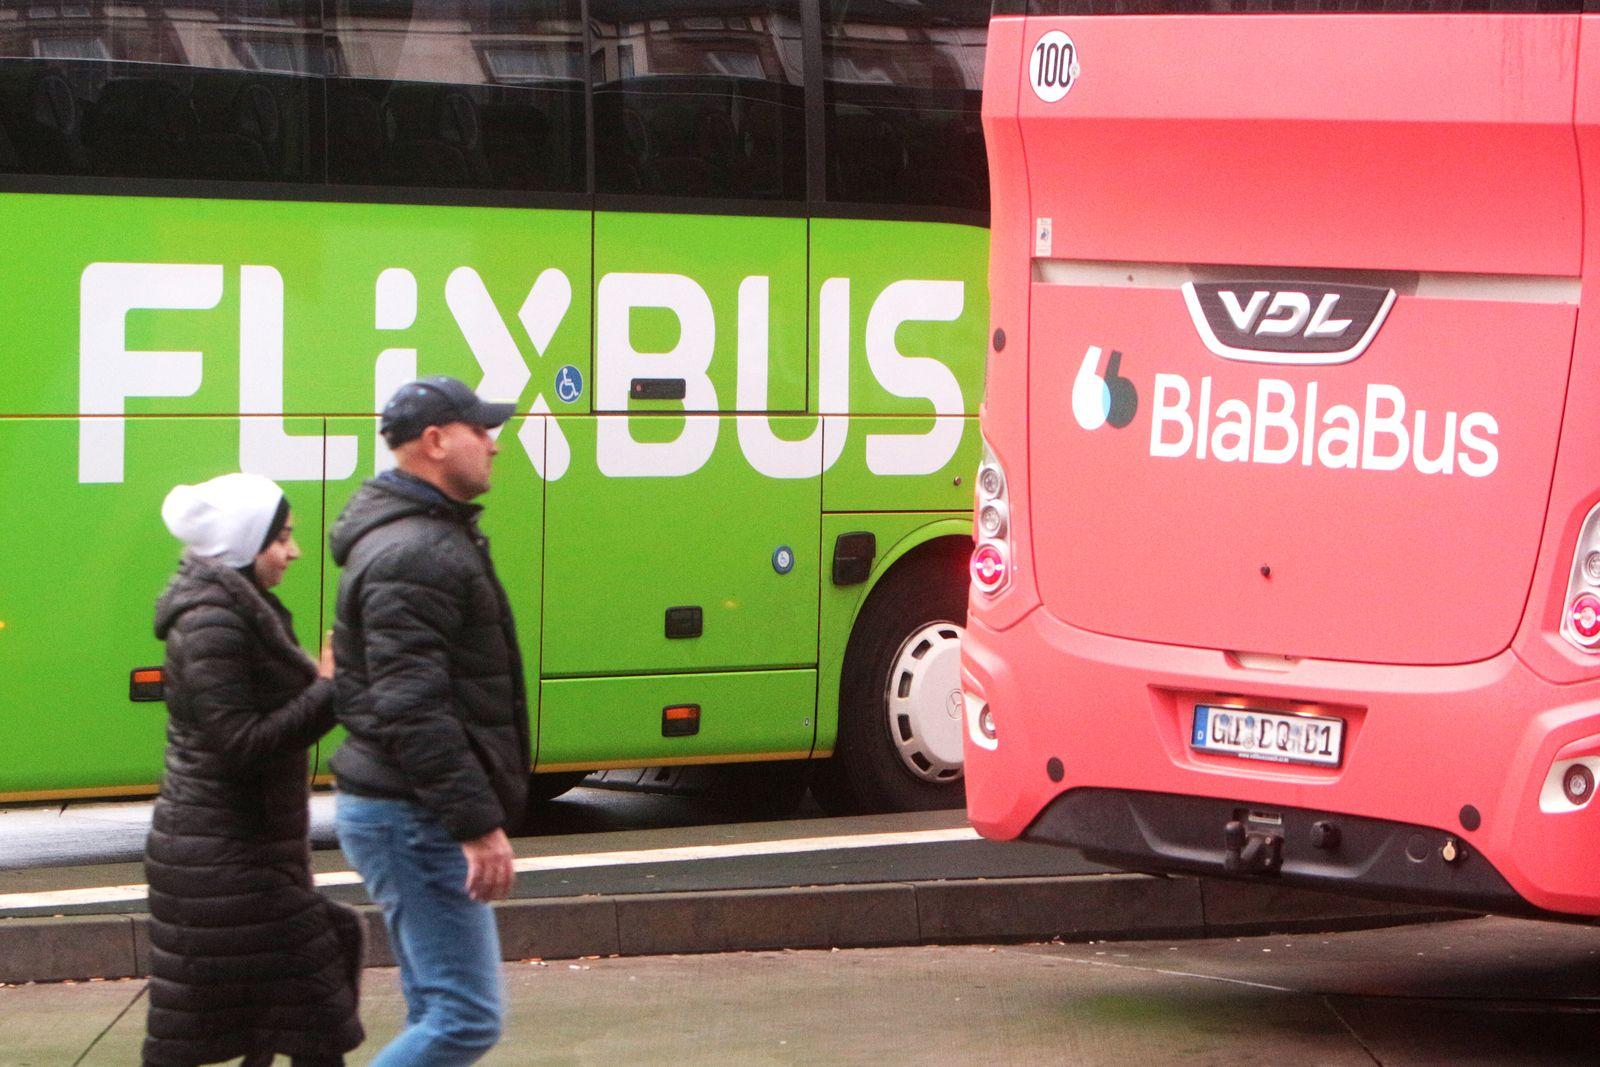 Fernbus der Gesellschaft Flixbus steht neben einem Blablabus am ZOB Zentraler Omnibusbahnhof am Hauptbahnhof Frankfurt,